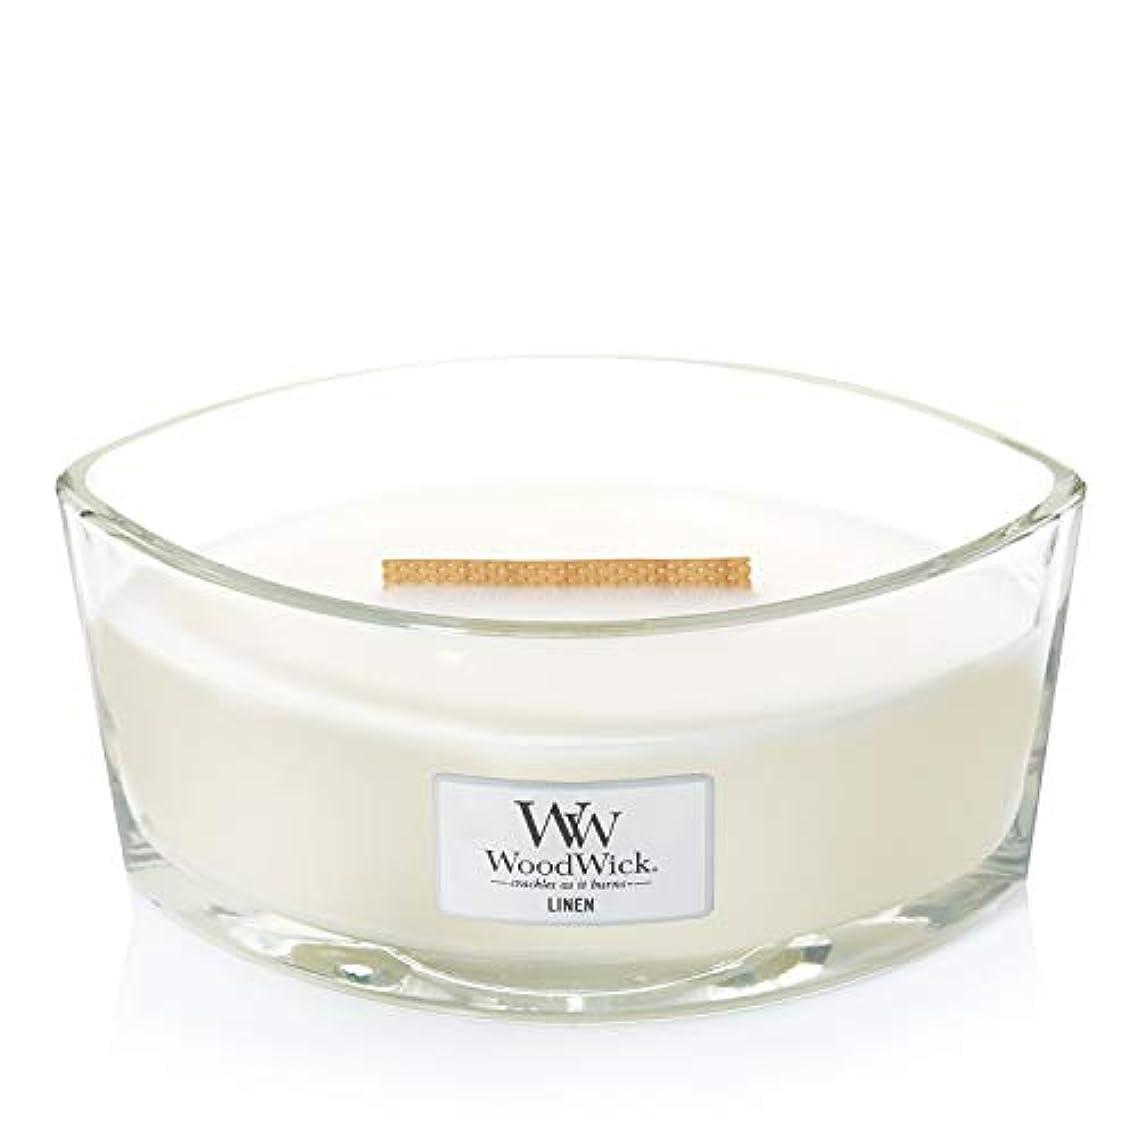 非難するすすり泣き申込み(11.4cm l x 19cm w x 8.8cm h) - WoodWick 76135 Linen HearthWick Candle, White